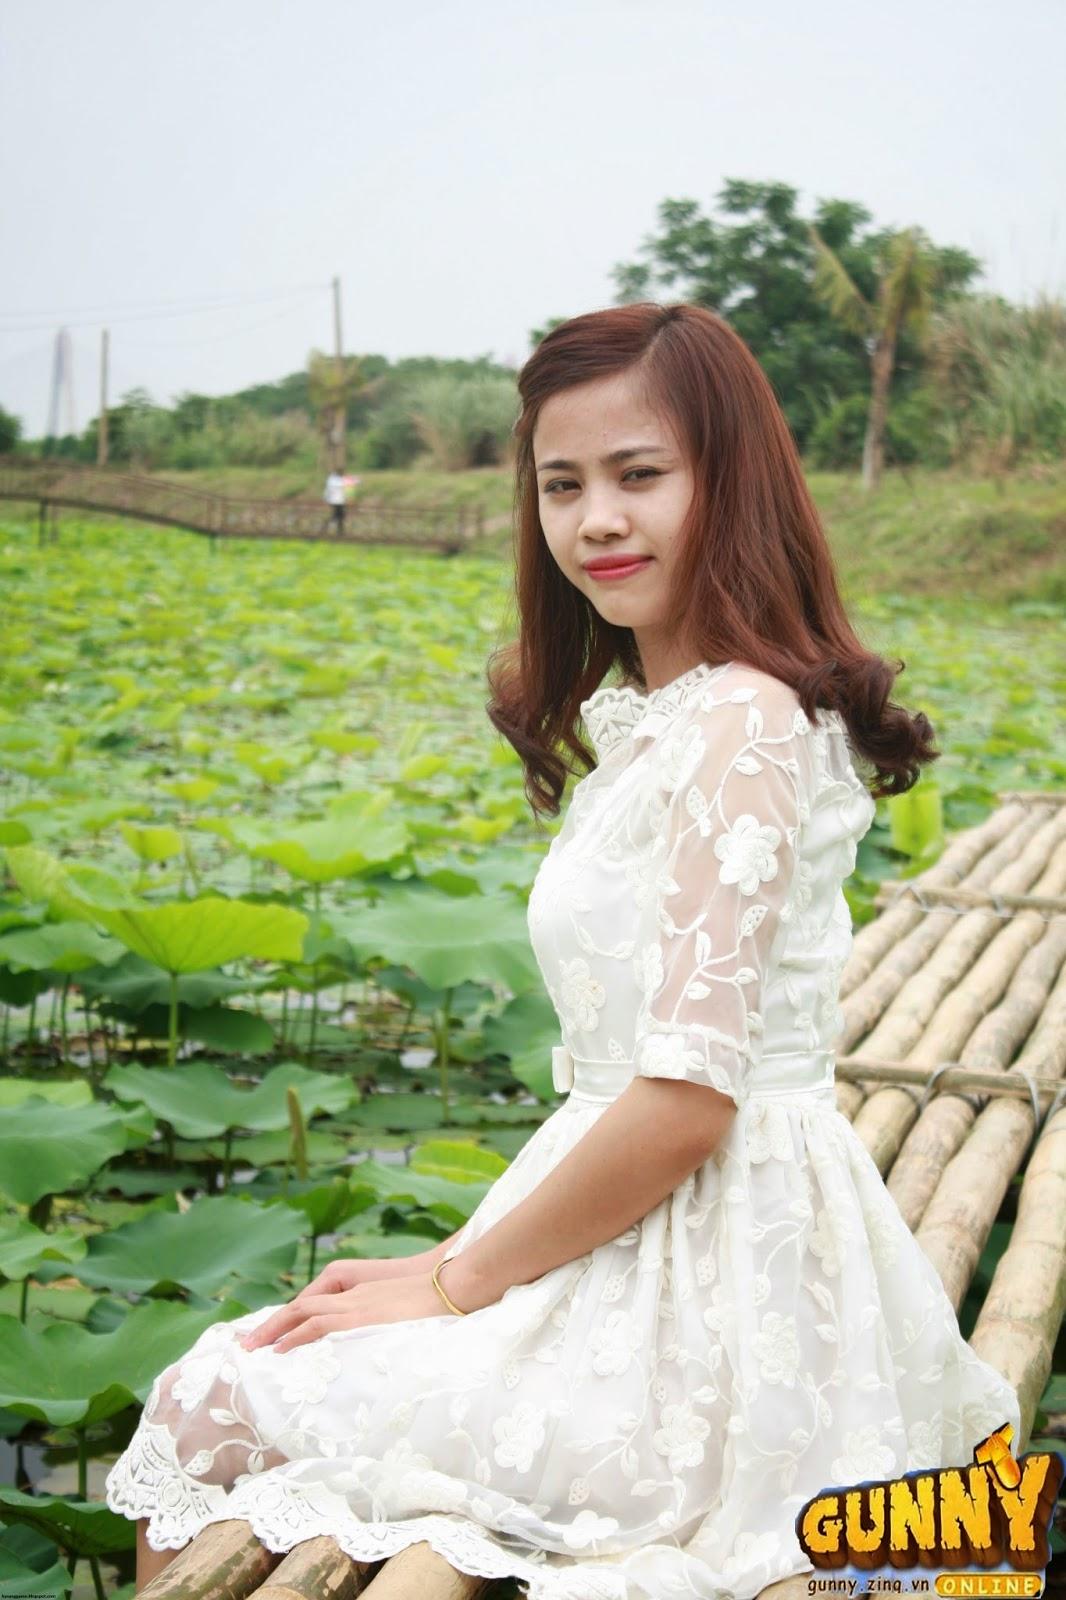 Thí sinh dự thi Nữ Hoàng Cổ Động Nguyễn Thị Thủy 1